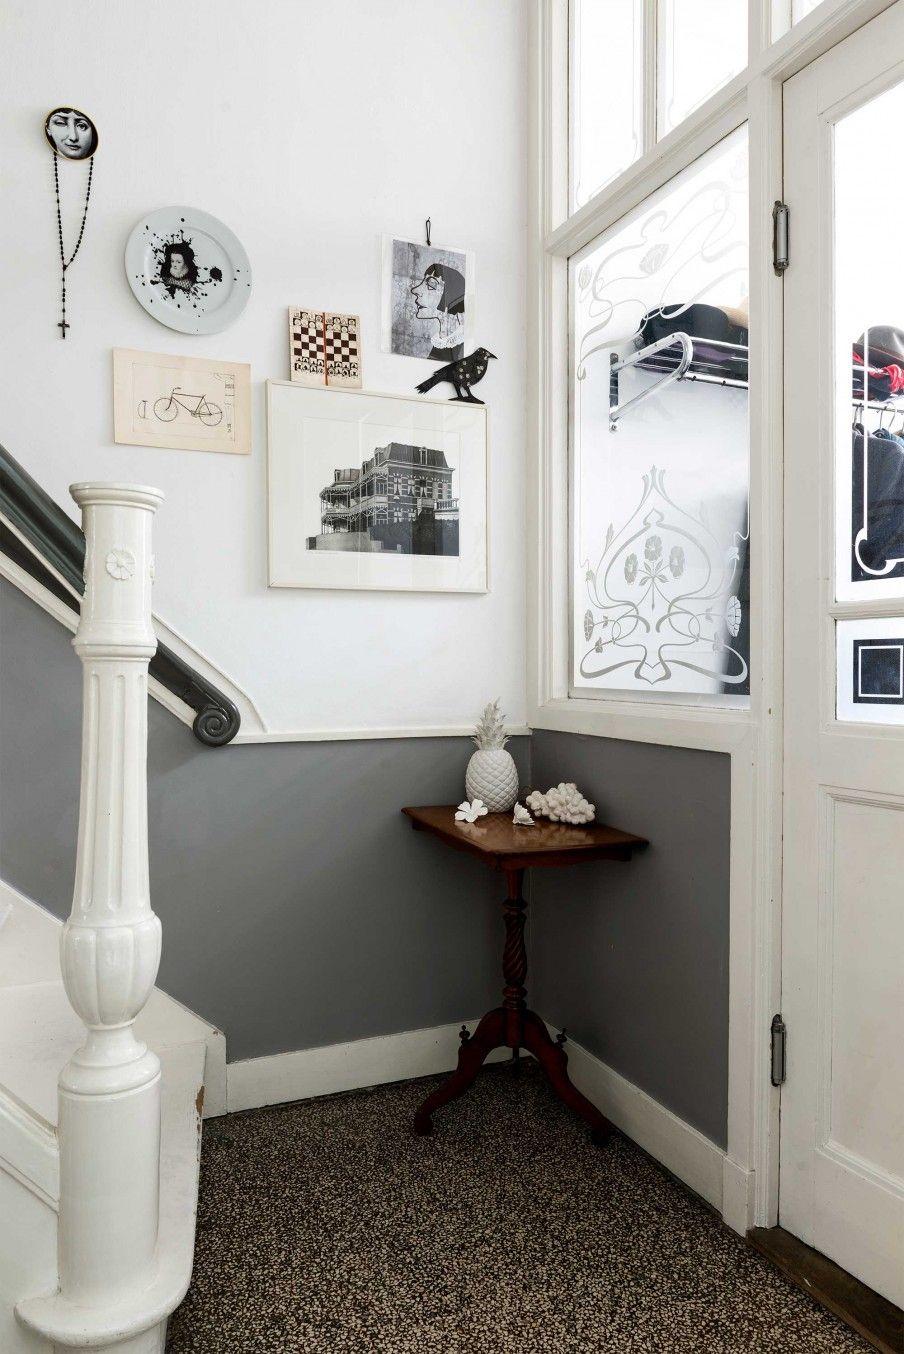 Hal met grijze lambrisering en posters aan de muur Hall